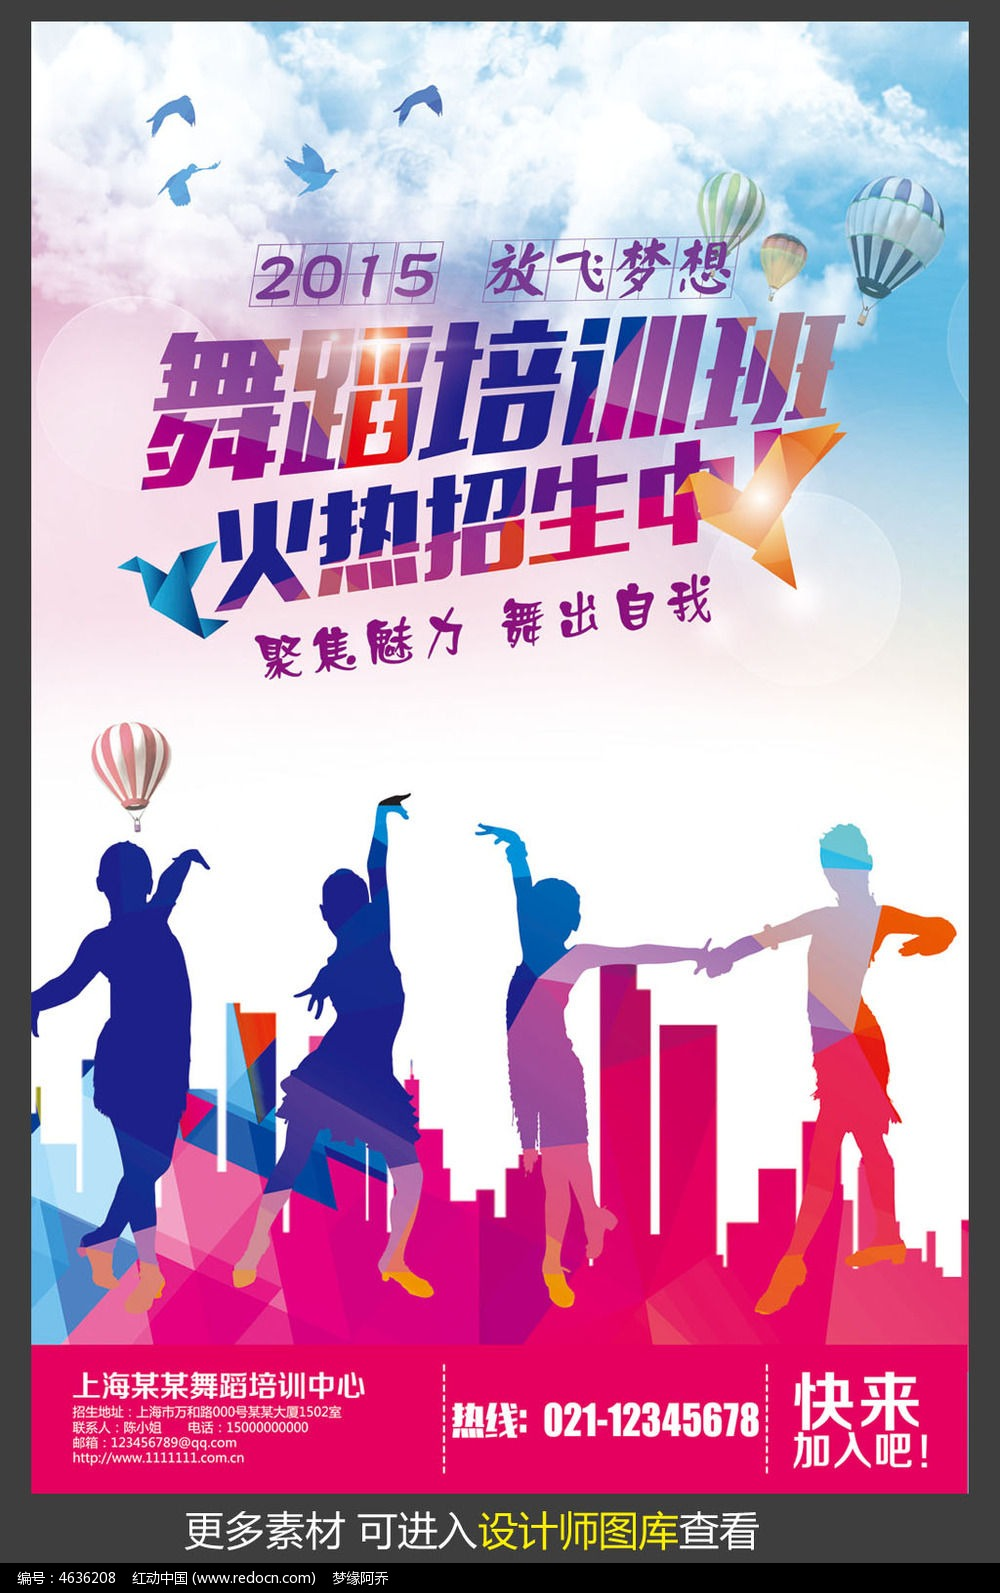 舞蹈学校_舞蹈培训班招生宣传海报设计